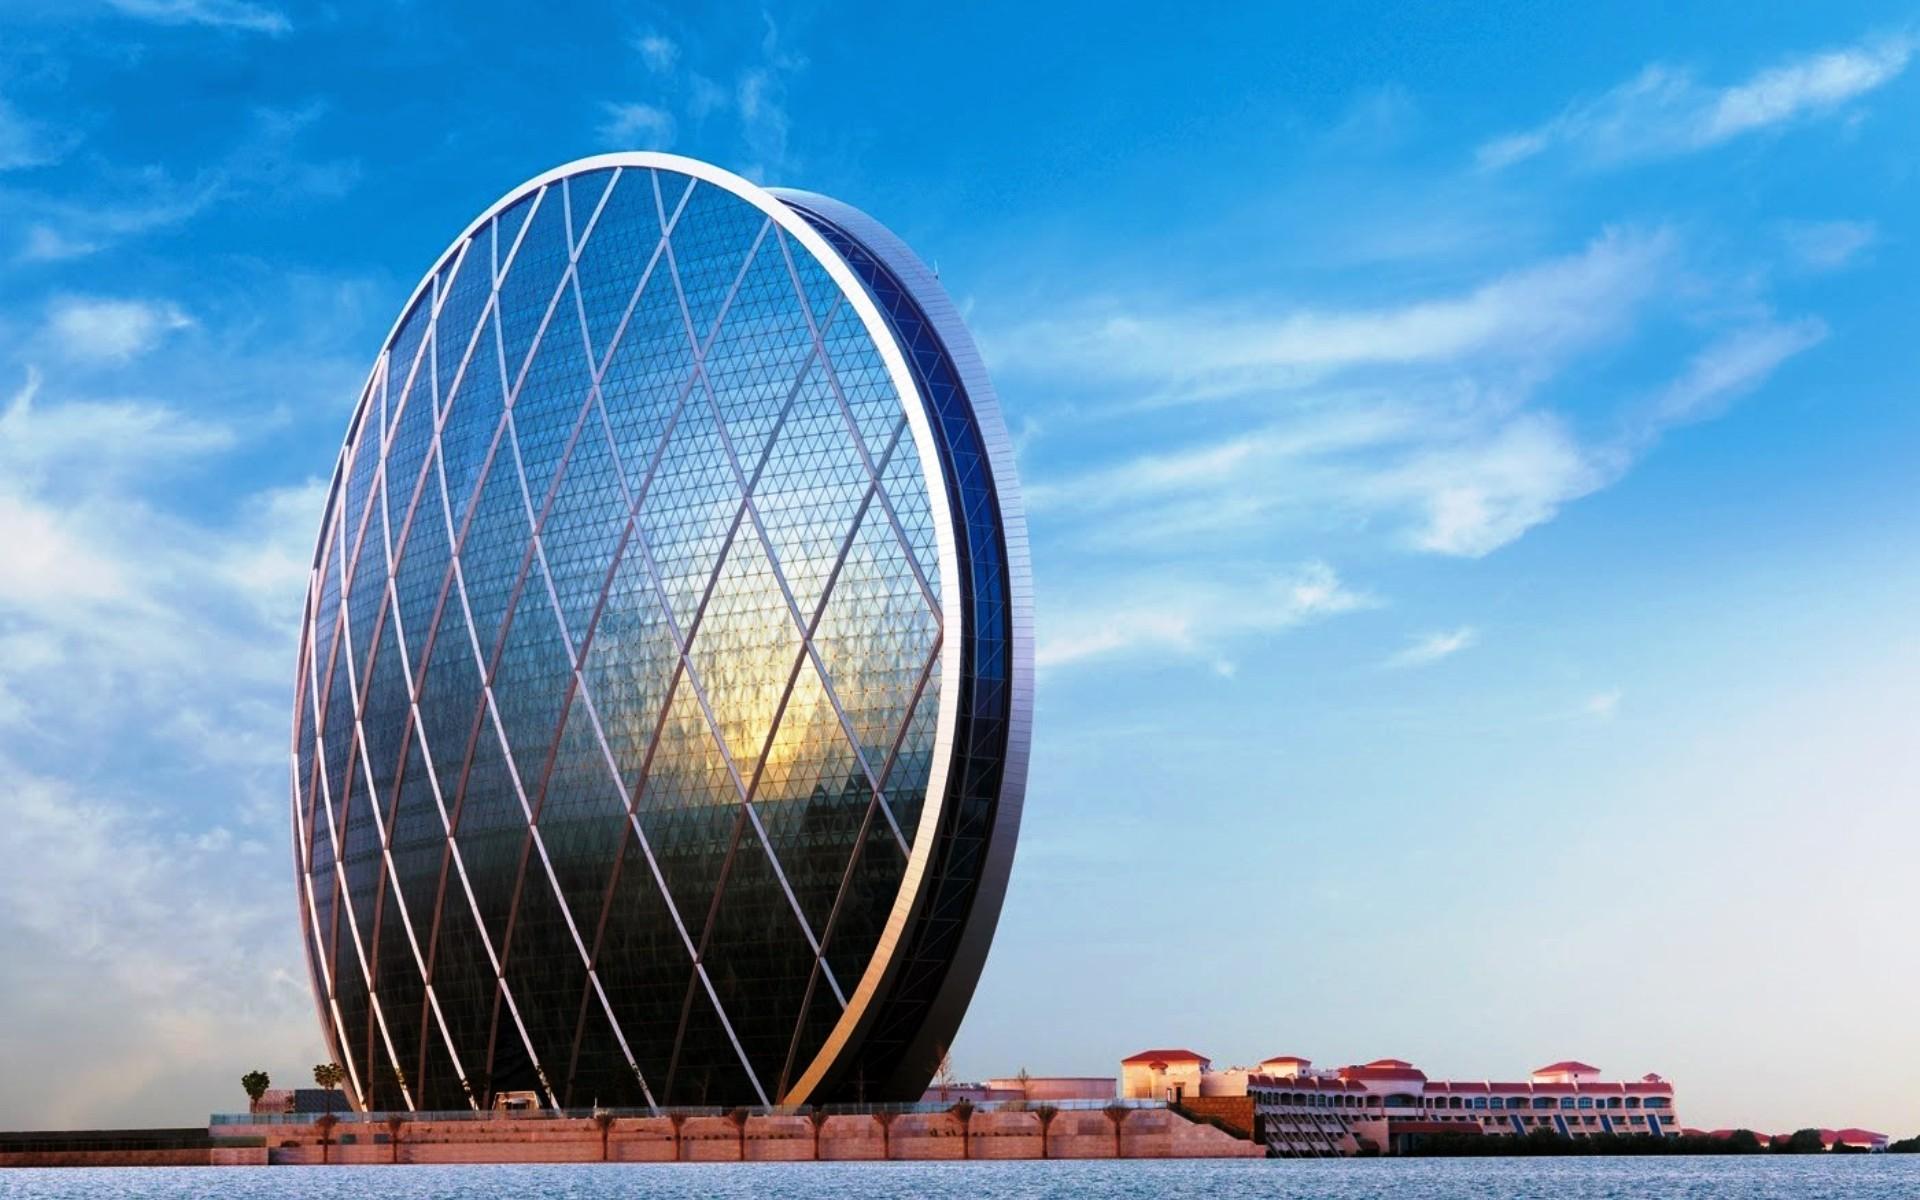 Картинка Небоскреб Aldar в Абу-Даби » Небоскребы » Архитектура » Картинки  24 - скачать картинки бесплатно